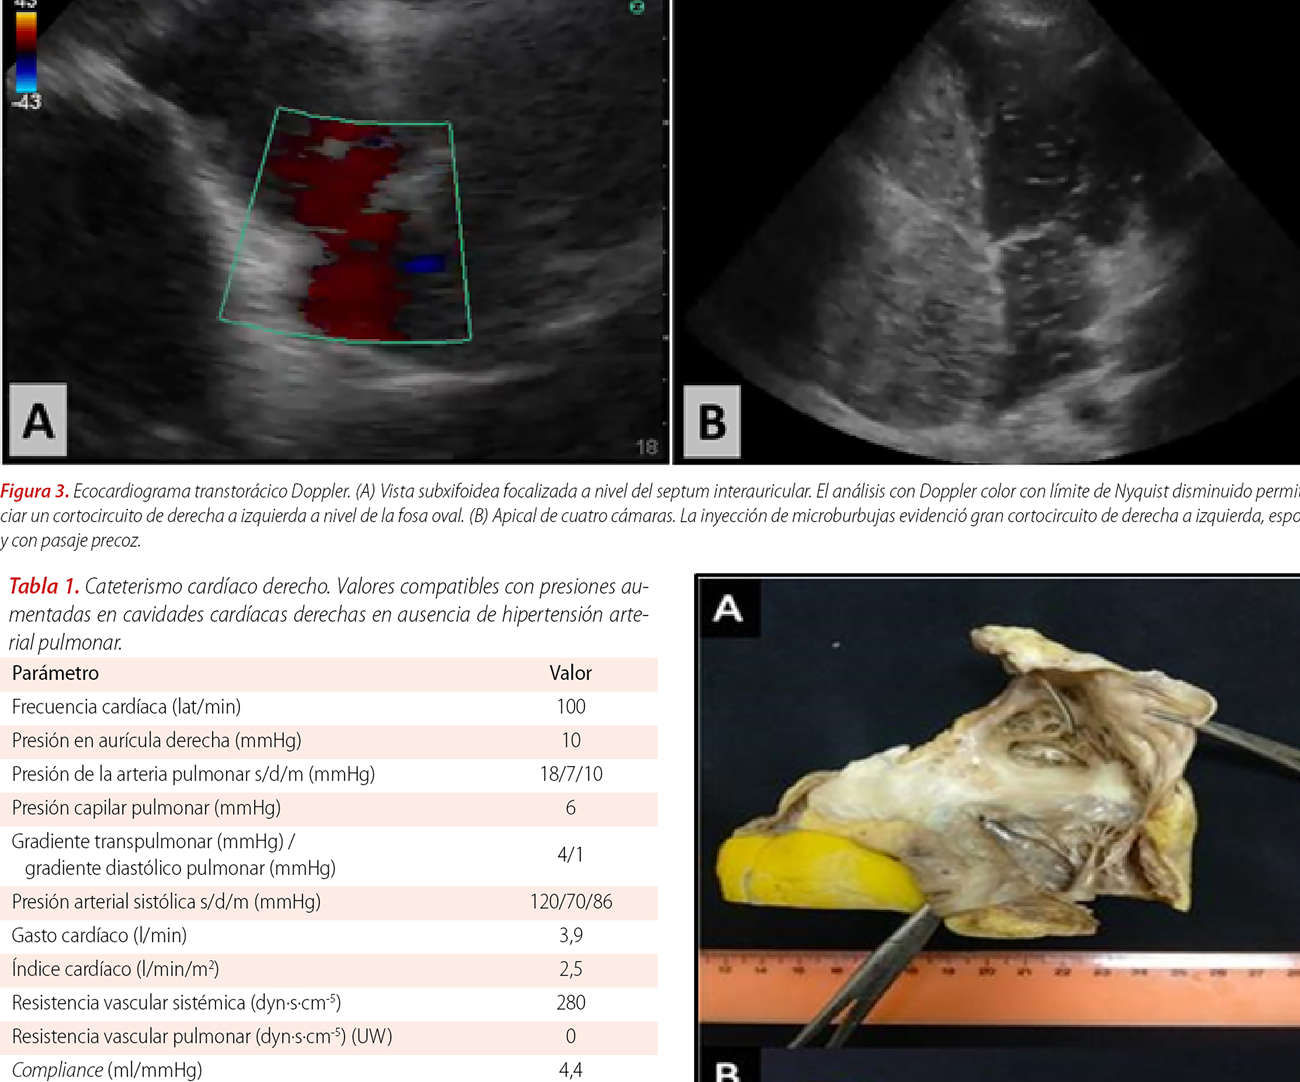 Shunt intracardíaco de derecha a izquierda en paciente con foramen oval permeable y ausencia de hipertensión pulmonar: una asociación poco frecuente